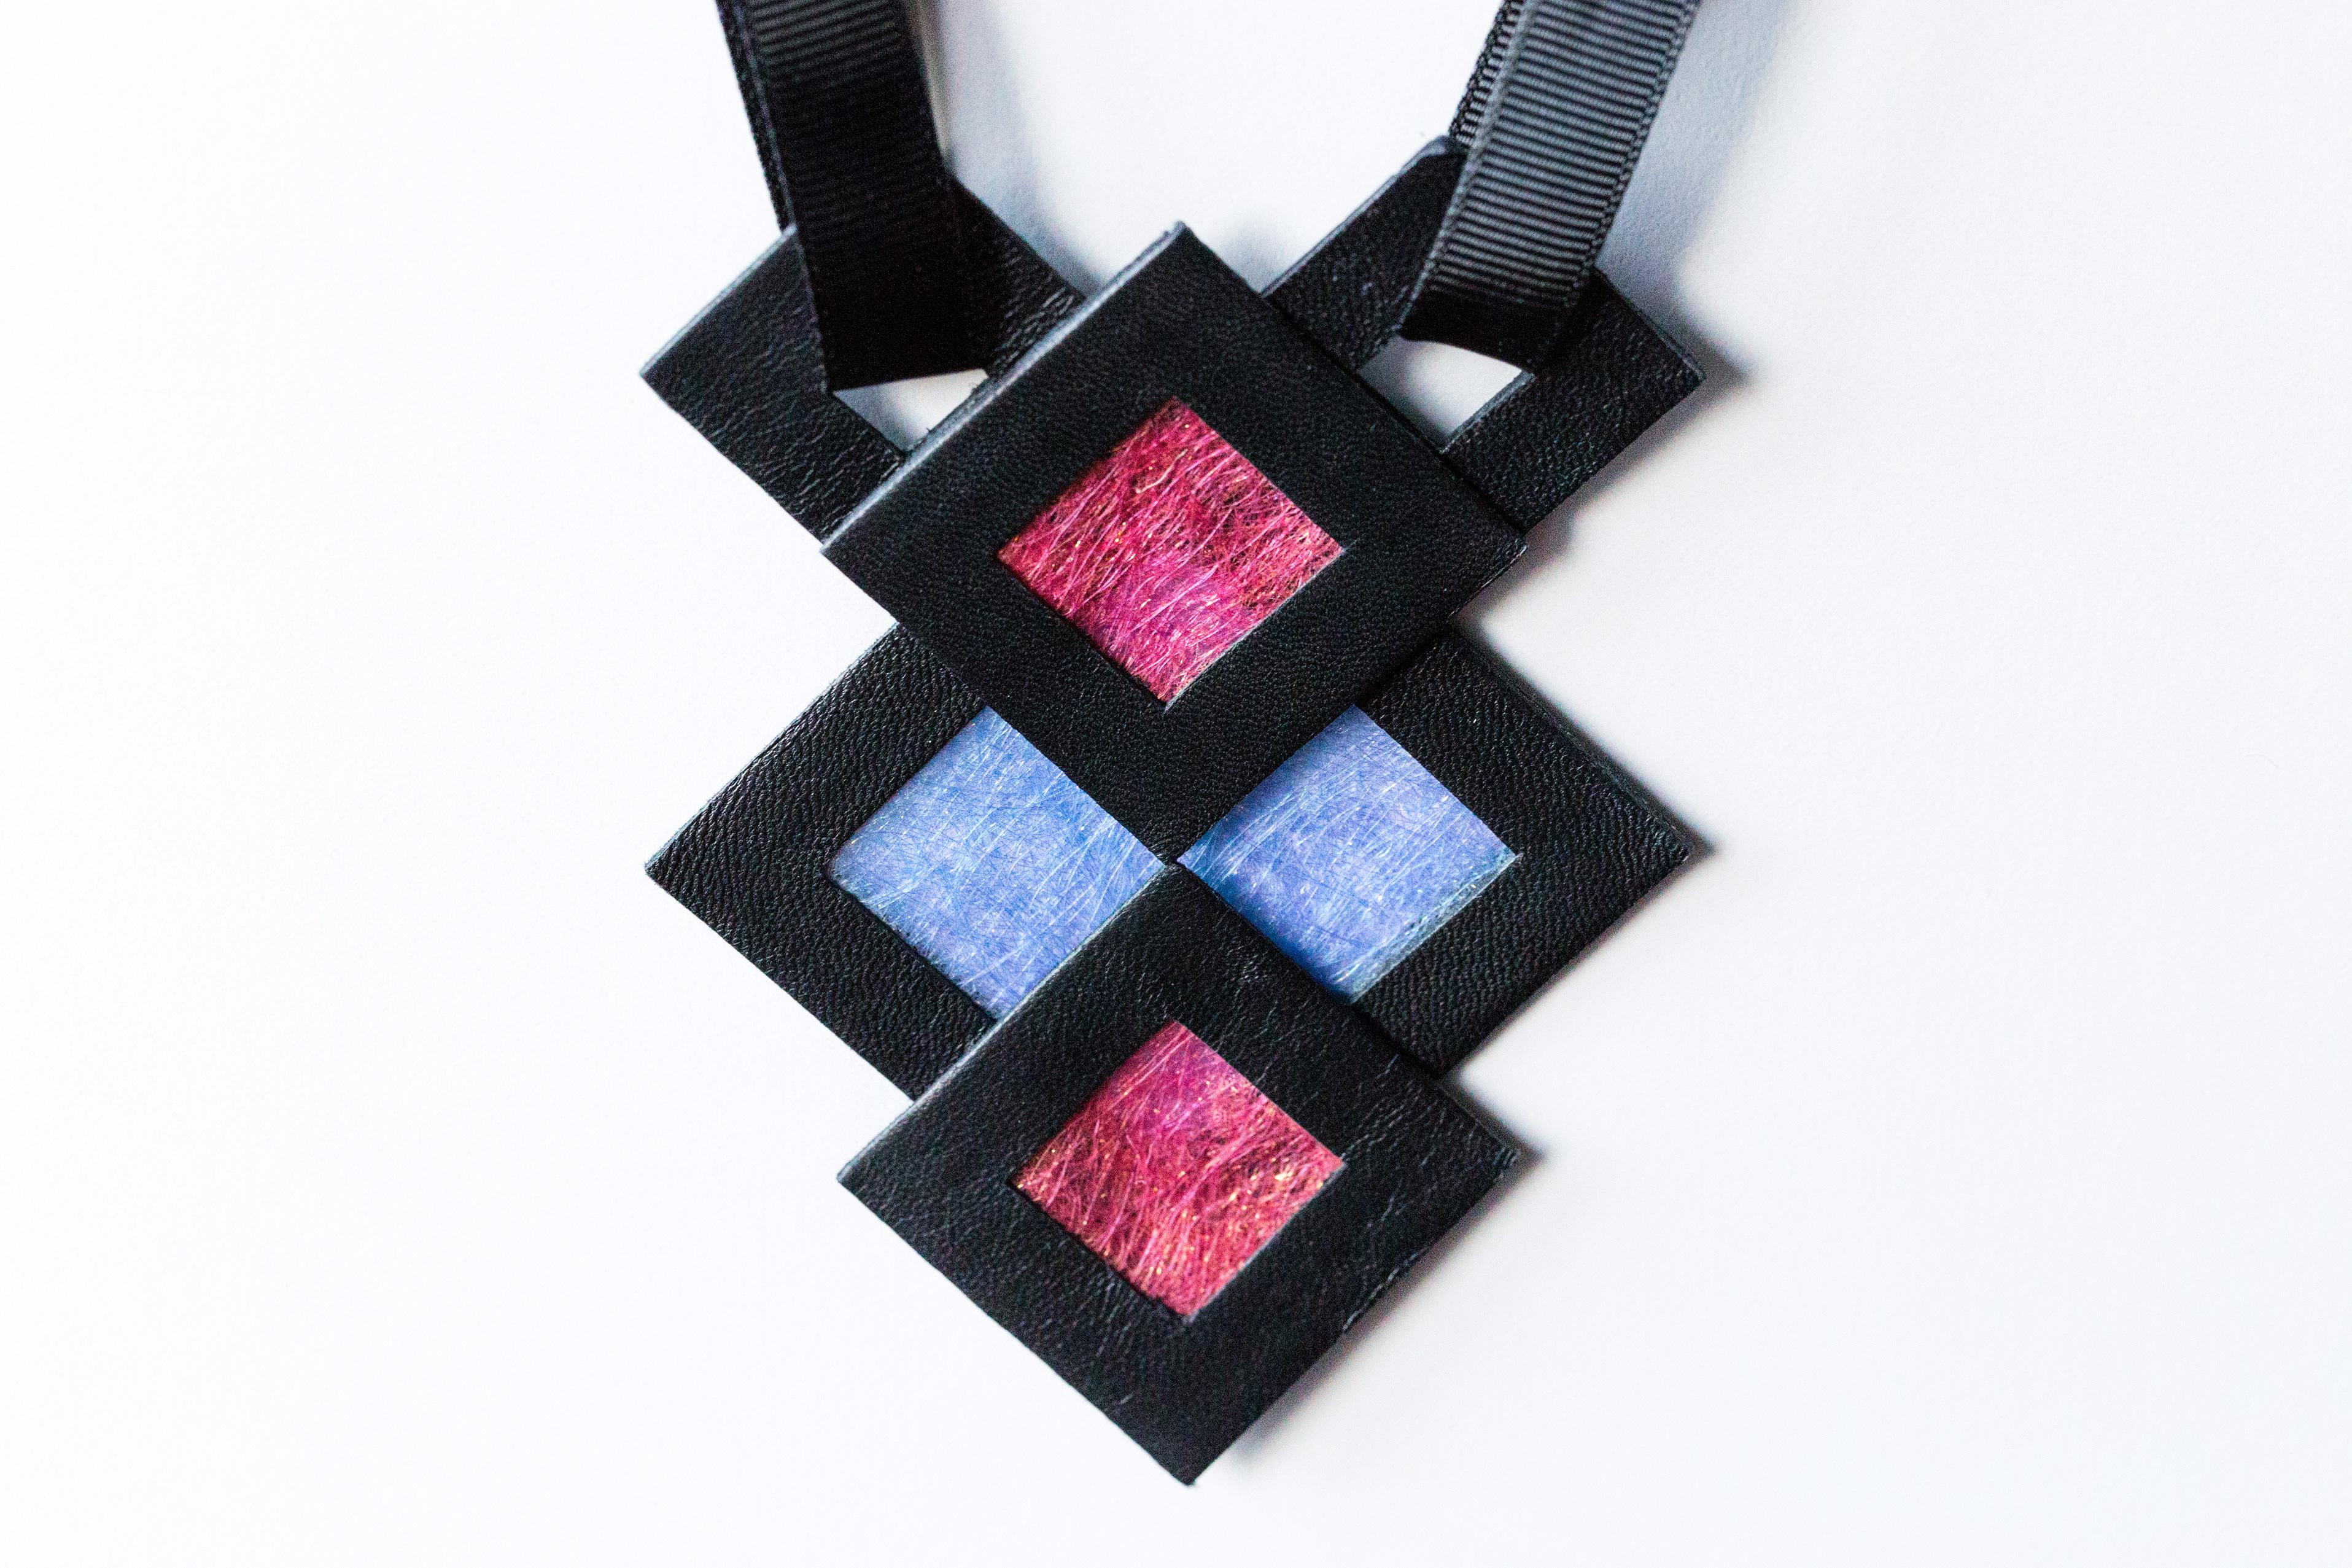 Naszyjnik geometryczny 34643 | Justine Crafts Jewelry